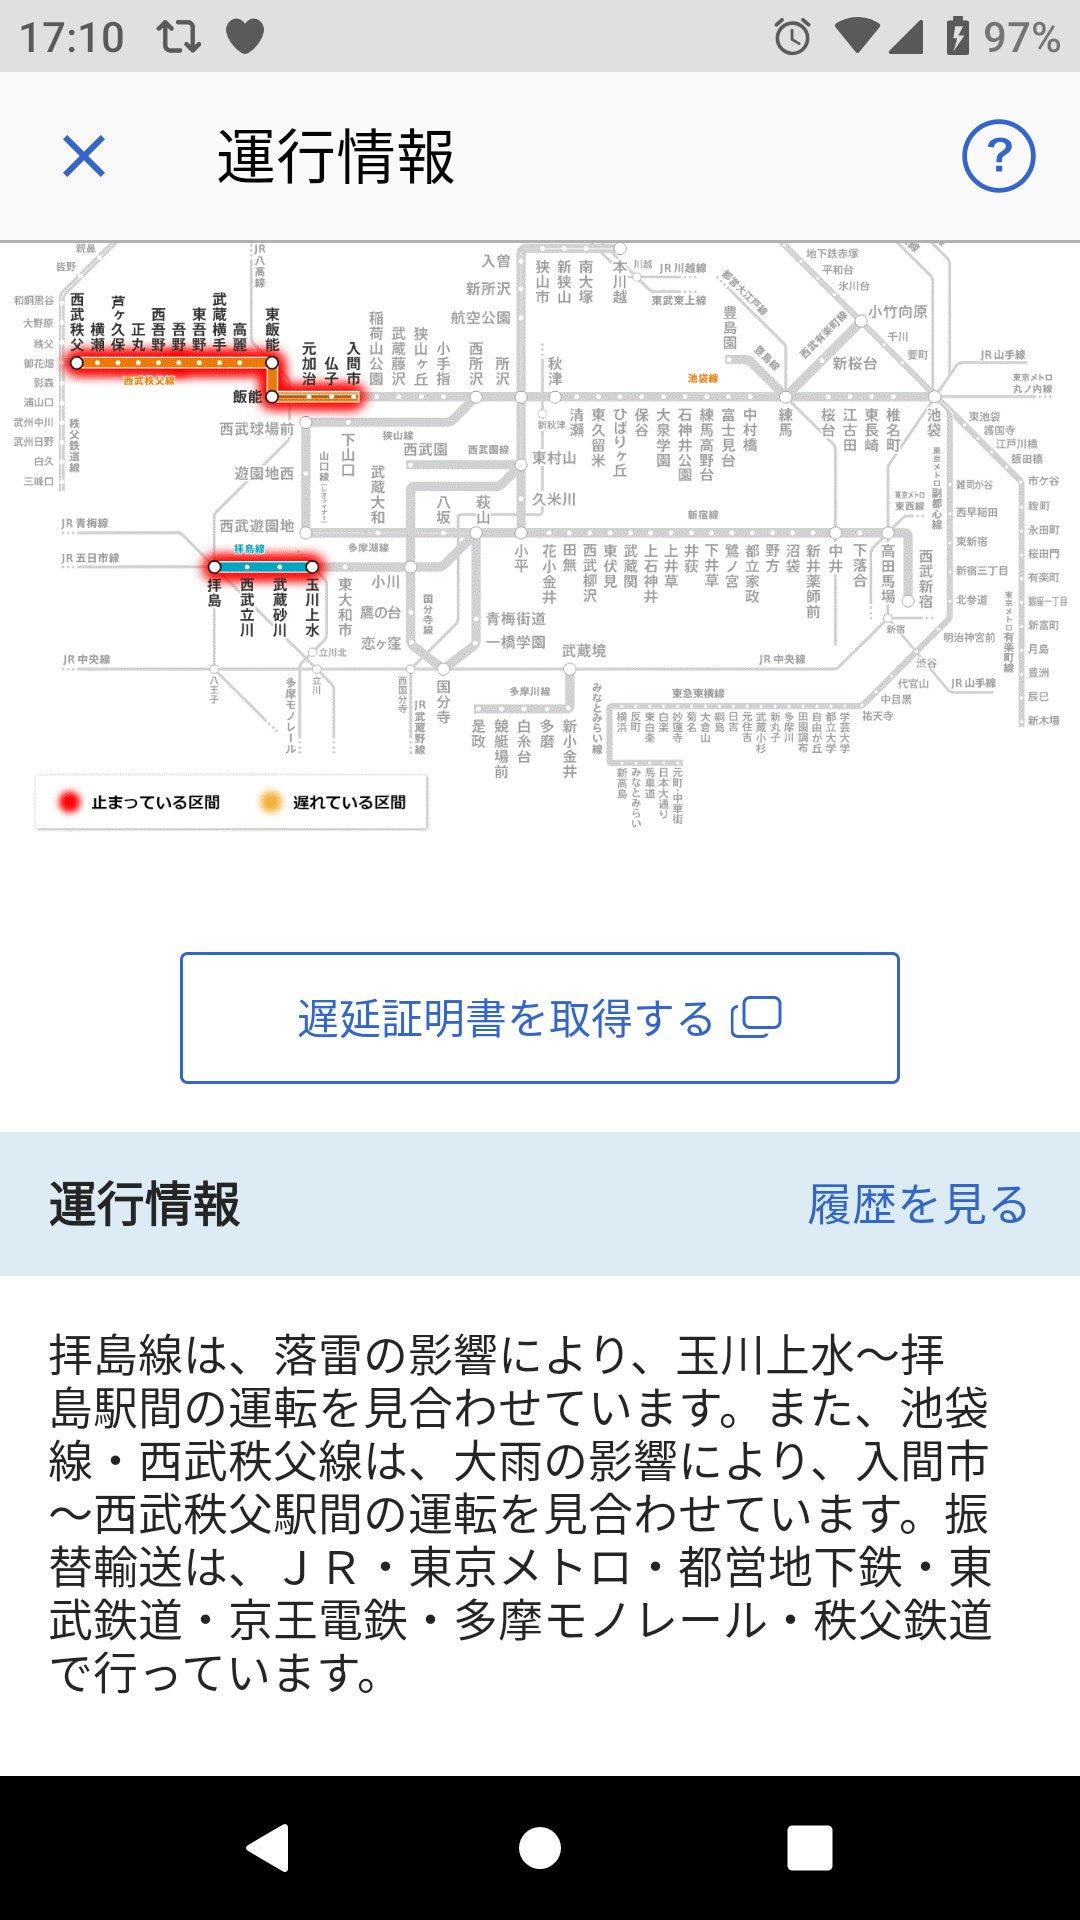 画像,拝島線も⚡️で止まるの… https://t.co/ONZNA7G7YS。